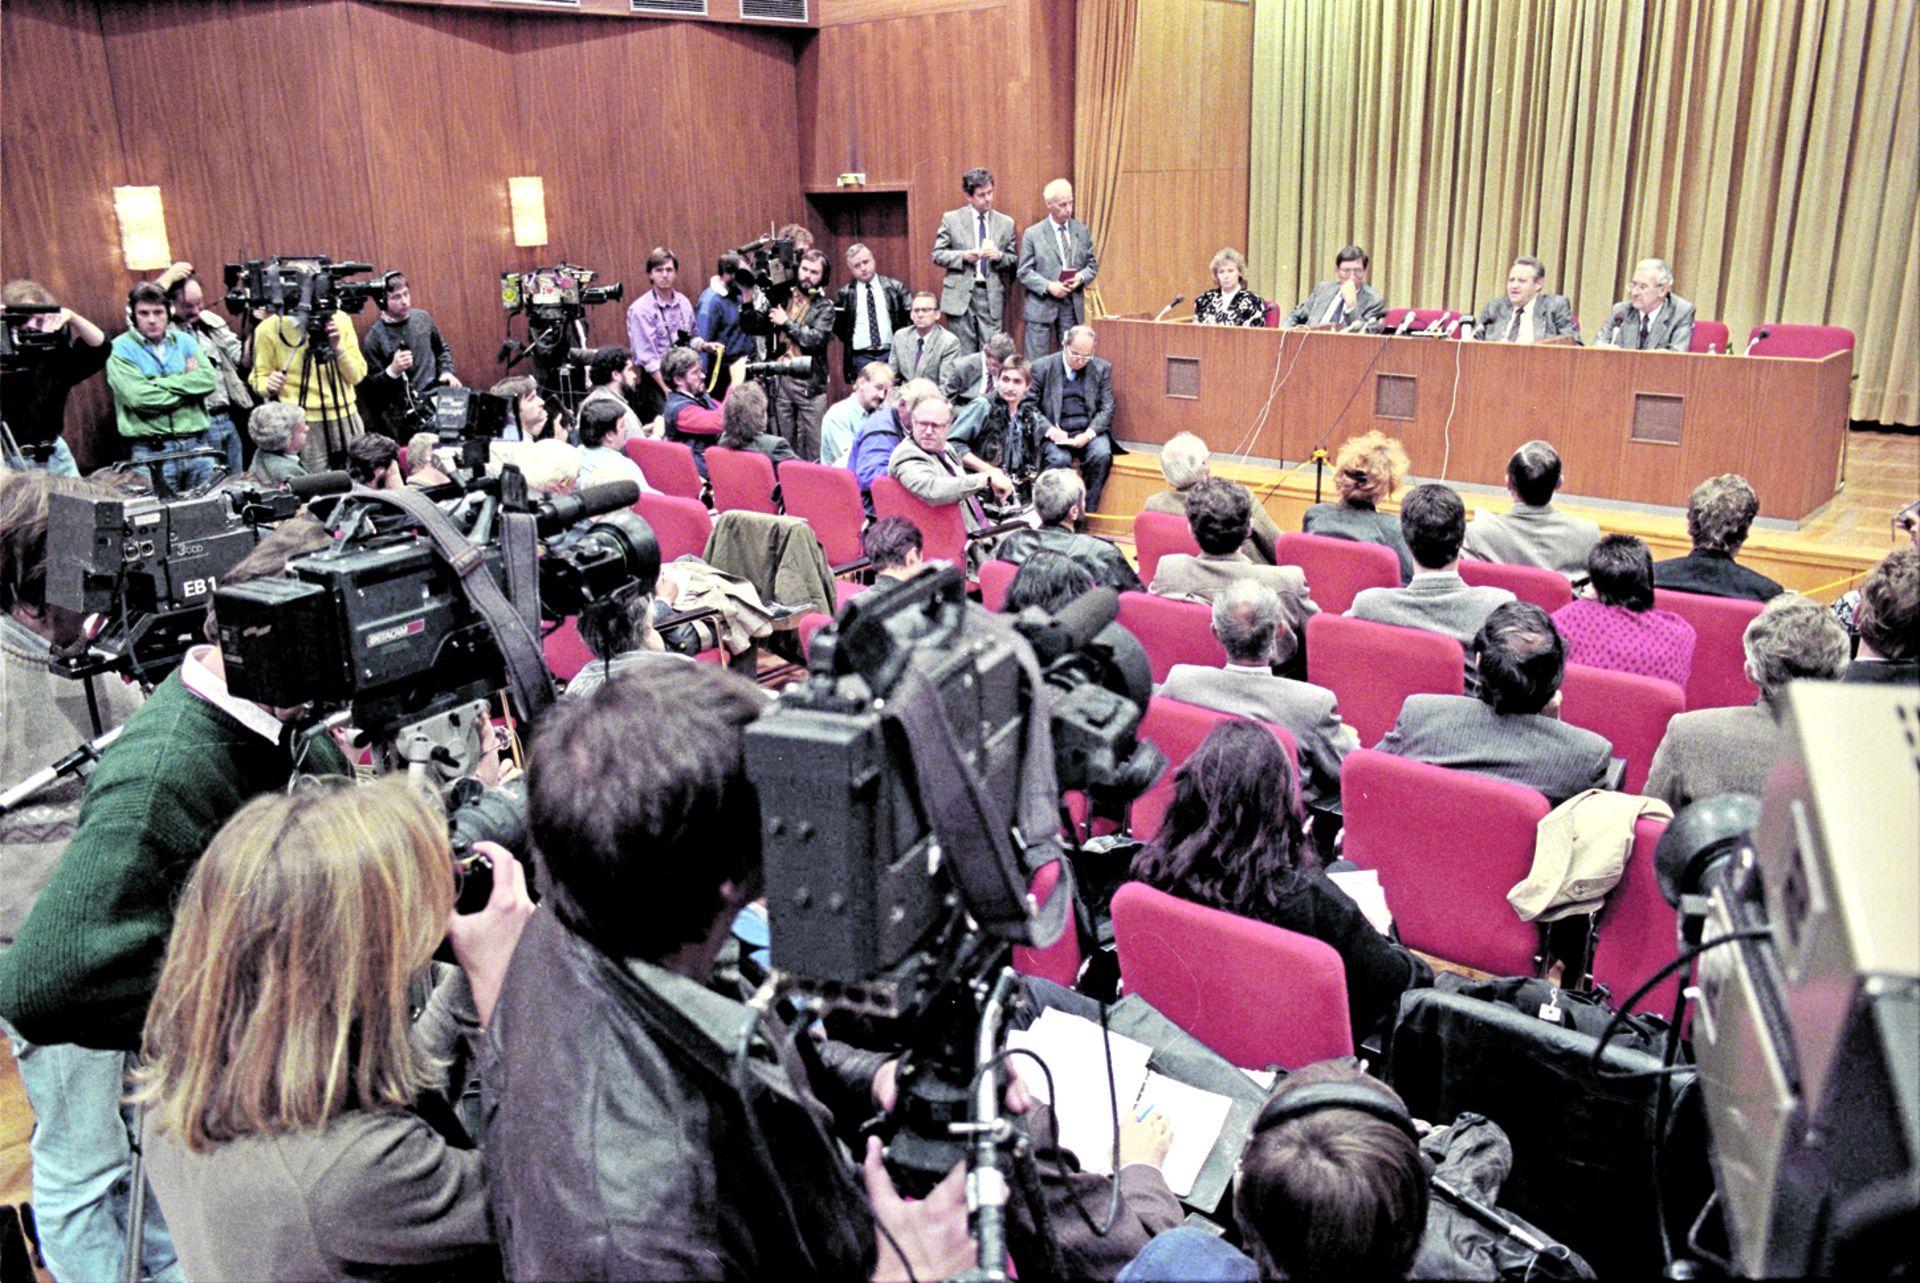 Conferencia de prensa de Günter Schabowski, vocero y primer secretario del Partido Comunista de la RDA, el 9 de noviembre de 1989. Riccardo Ehrman está sentado en el escenario, en la esquina del podium.